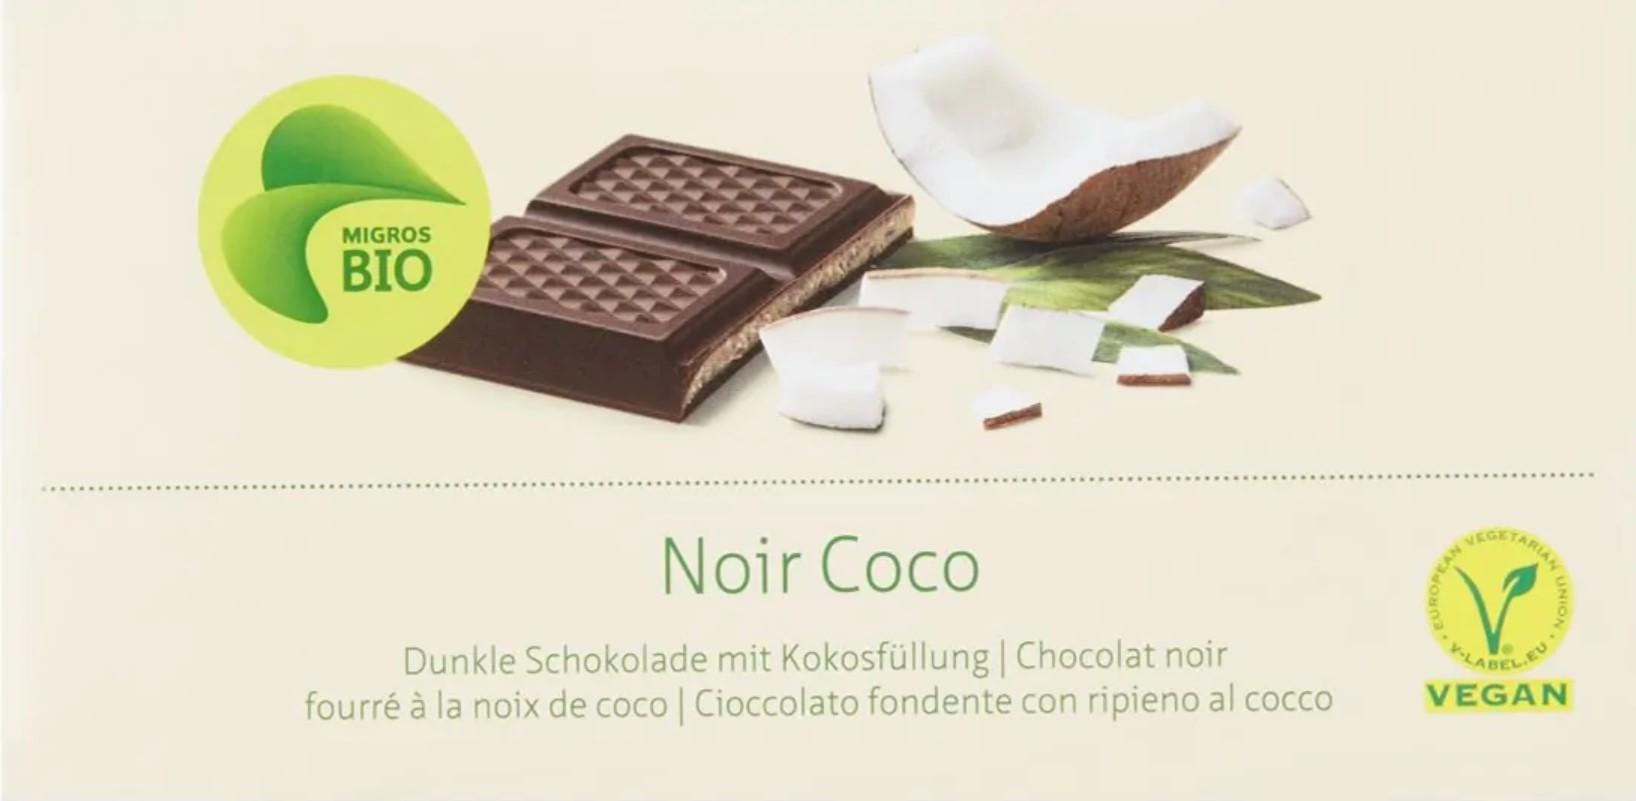 Dunkle Schokolade mit Kokosfüllung